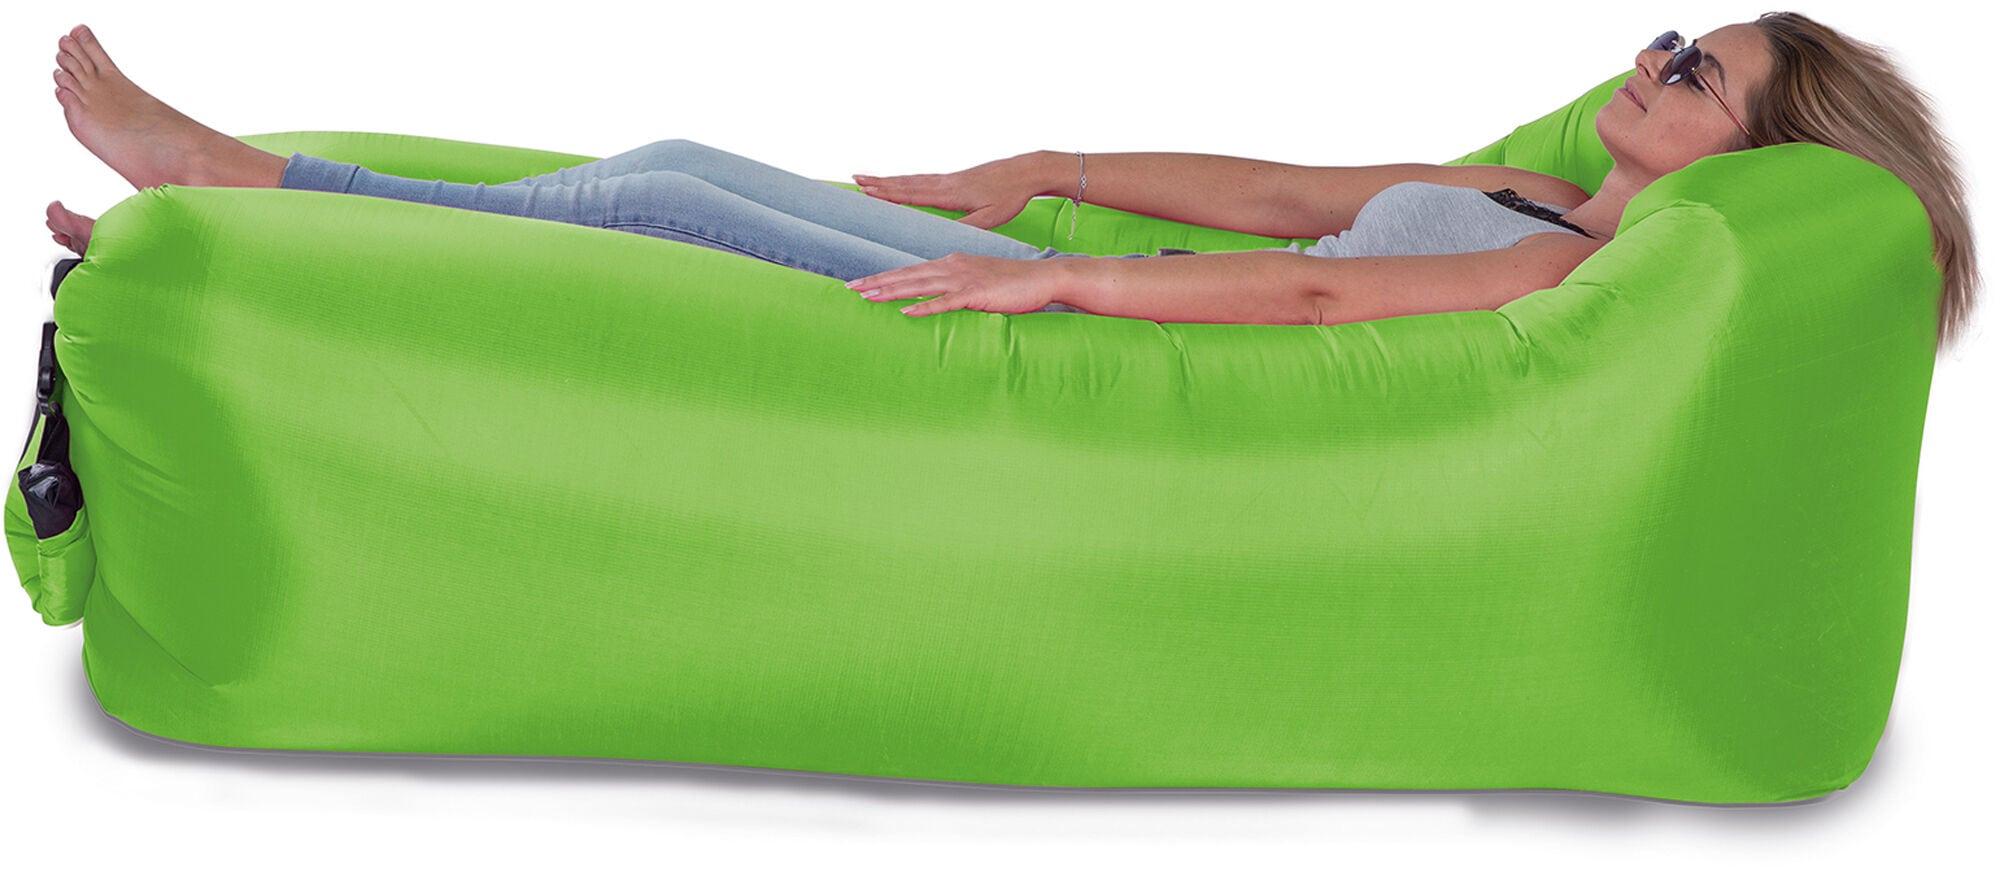 aufblasbarer Liegestuhl in grün auf dem eine Frau mit Sonnenbrille liegt, sie trägt Jeans und ein Shirt